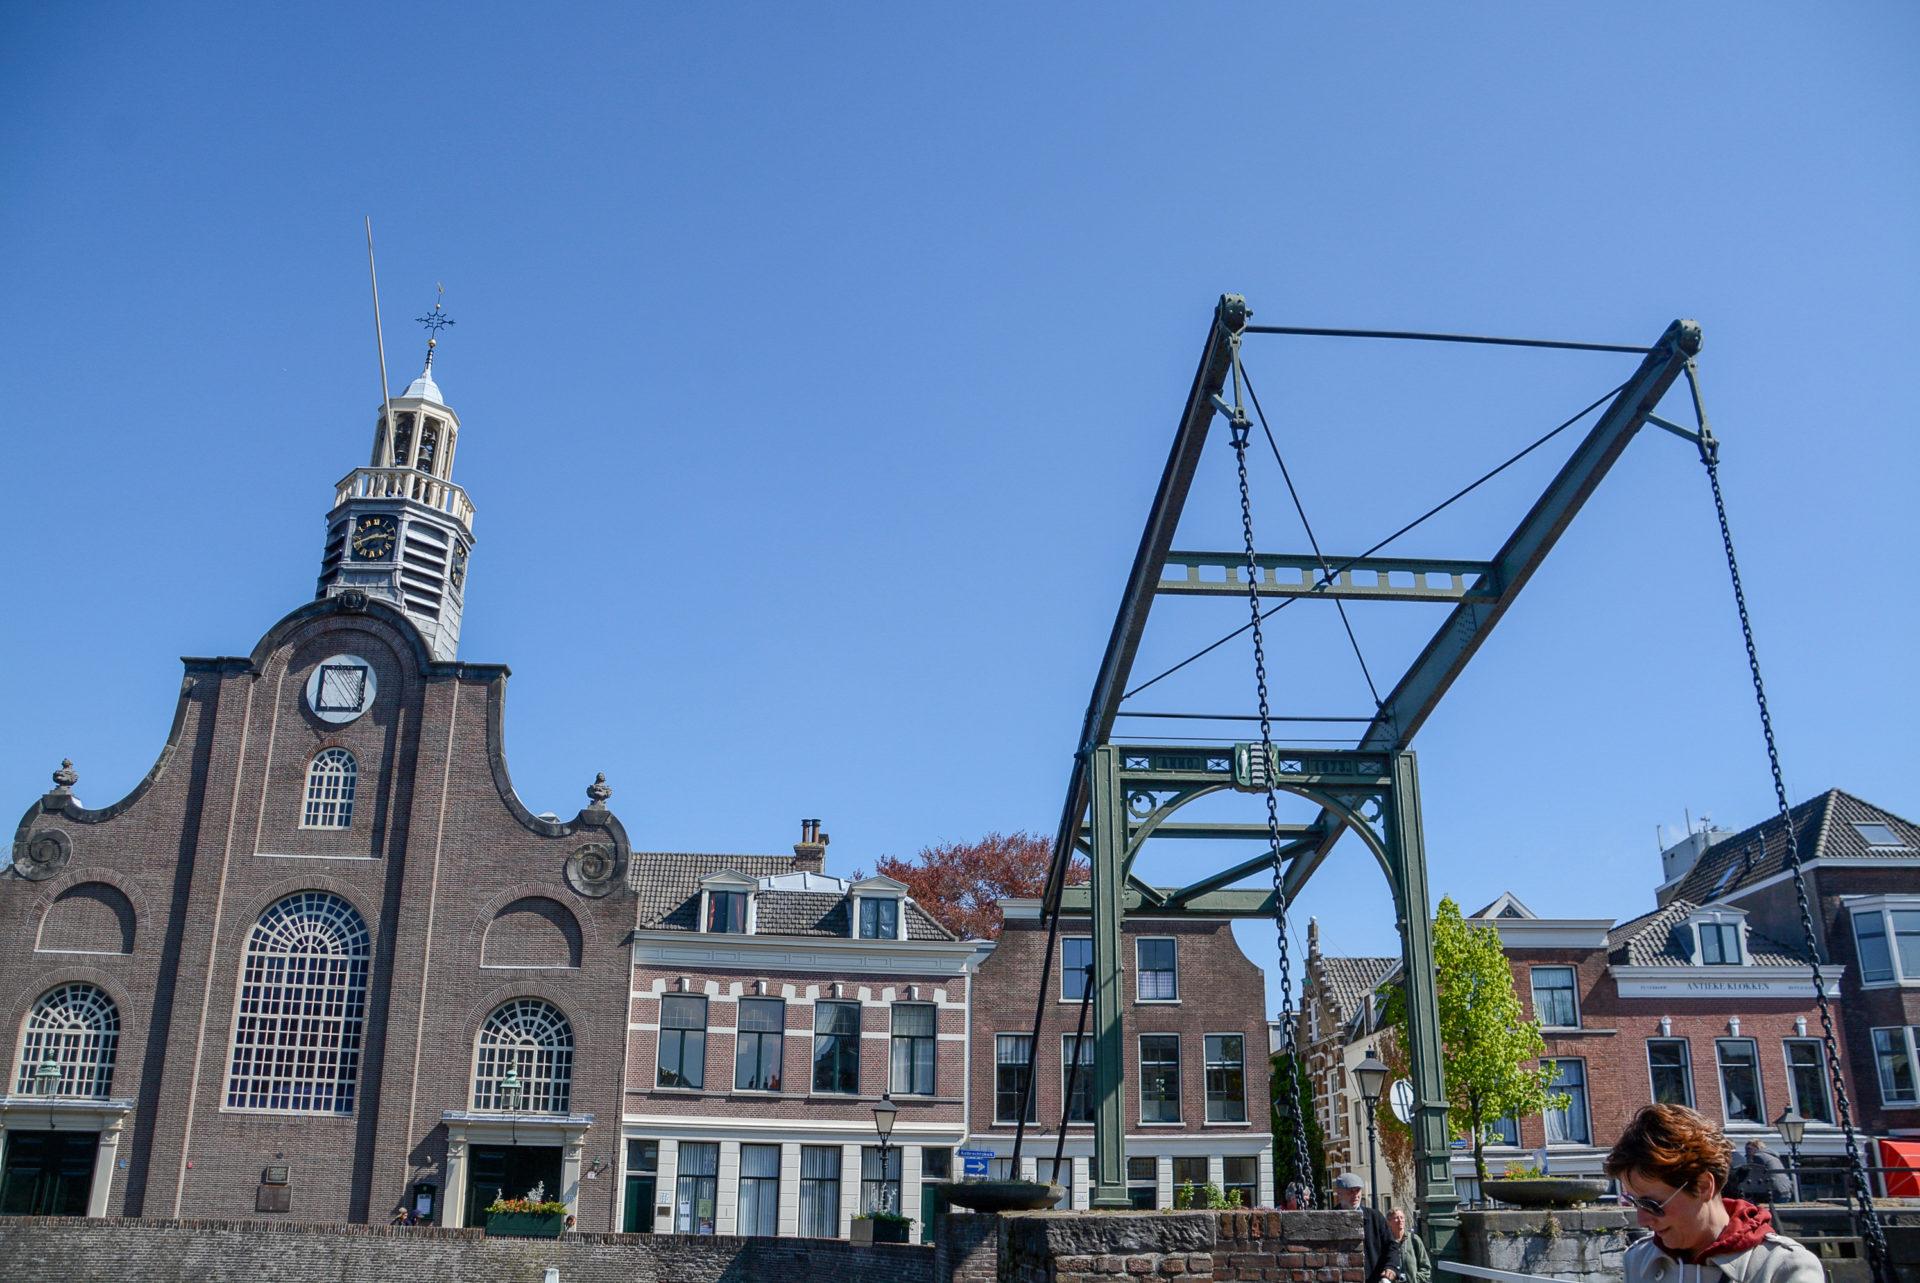 Der Delfshaven in Rotterdam mit Brücke und alten Häusern